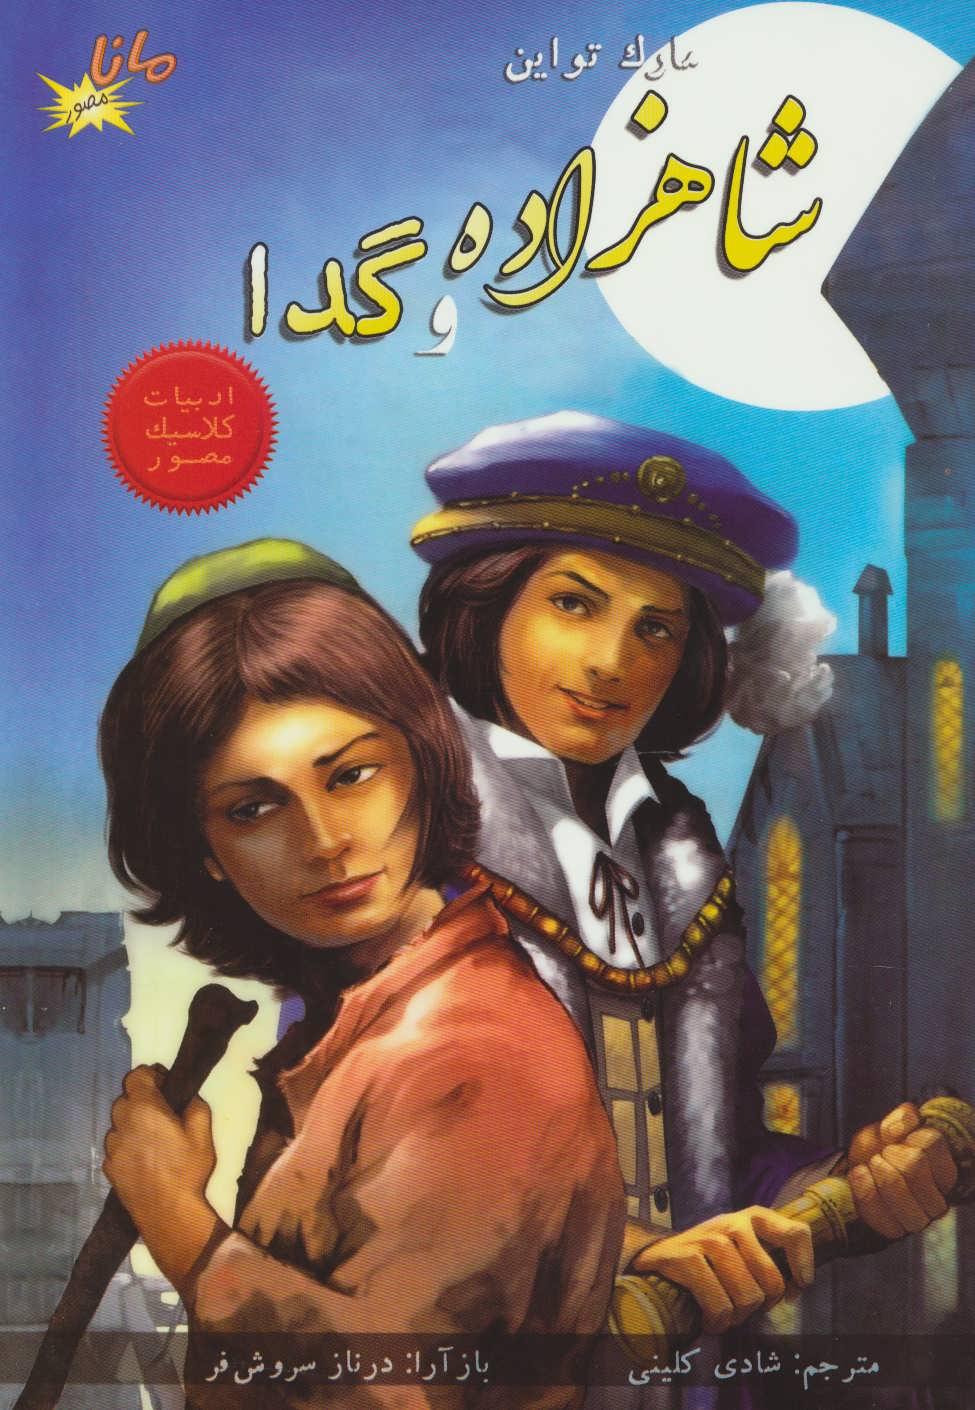 شاهزاده و گدا (ادبیات کلاسیک مصور)،(گلاسه)